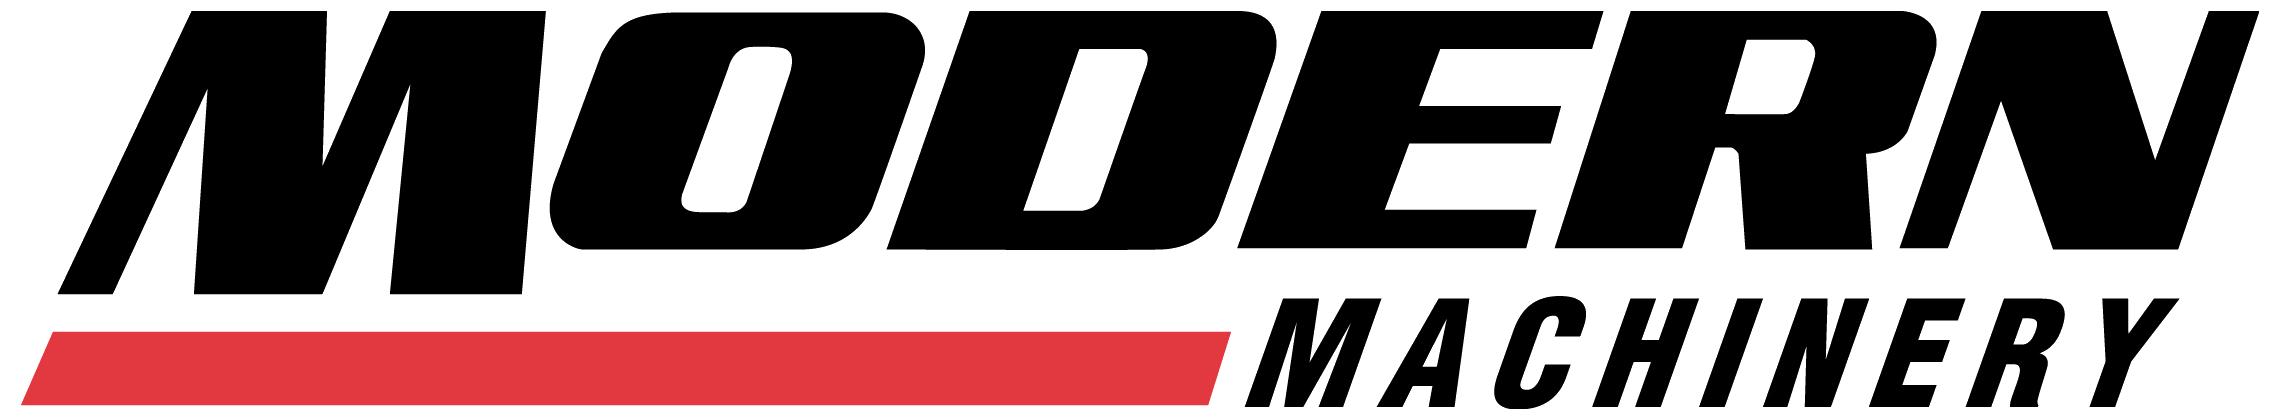 modern_logo_color.png